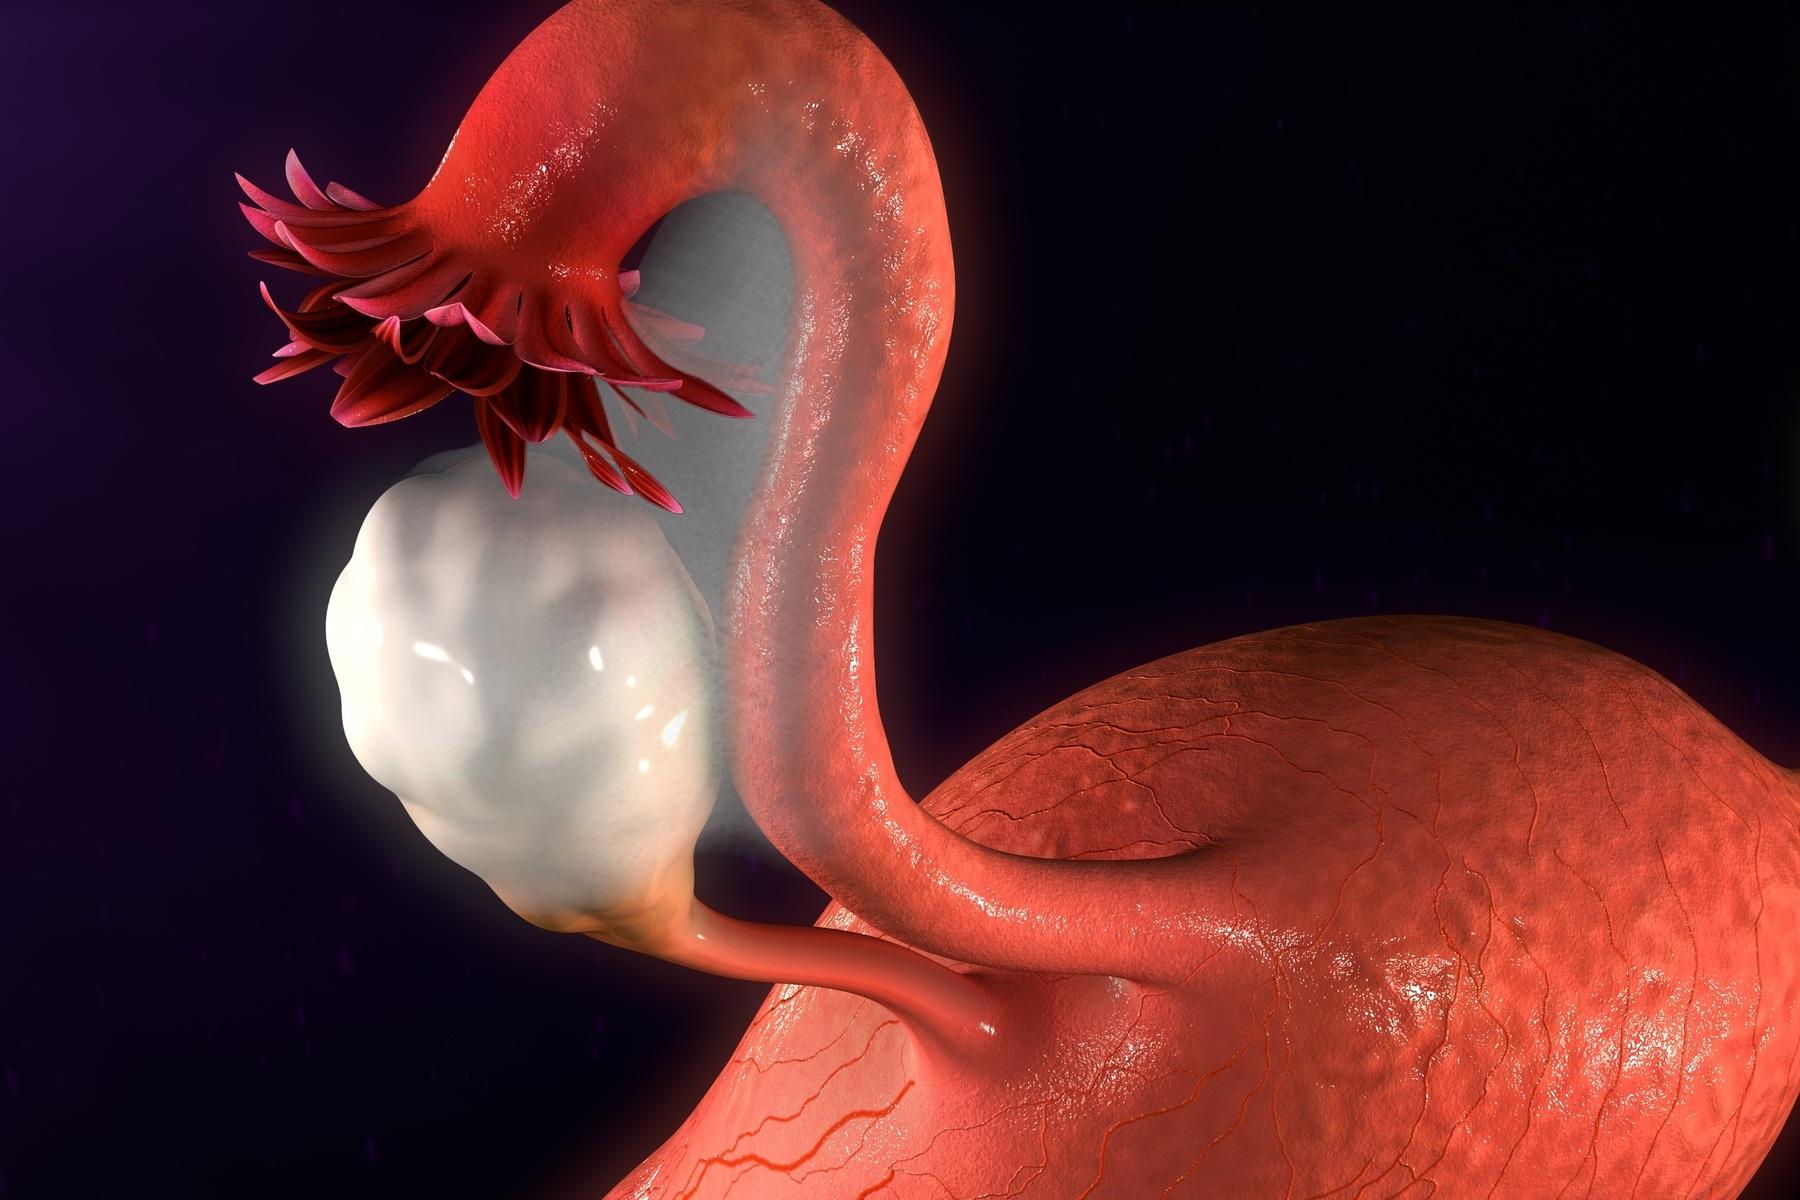 ADNEXPROZESSE - Was bedeutet Adnexprozess?Adnexprozesse werden meist durch auftretende Beschwerden oder im Rahmen von Routineuntersuchungen, z.B. mittels transvaginalem Ultraschall, entdeckt. Meist handelt es sich um bei Adnexprozessen um Zysten des Eierstocks (Ovar), also mit Flüssigkeit gefüllten Hohlräumen. Seltener handelt es sich um solide, also feste Tumore oder einer Mischung aus zystischen und soliden Veränderungen. Auch eine Eileiterschwangerschaft (Tubaria) kann sich als Adnexprozess darstellen.